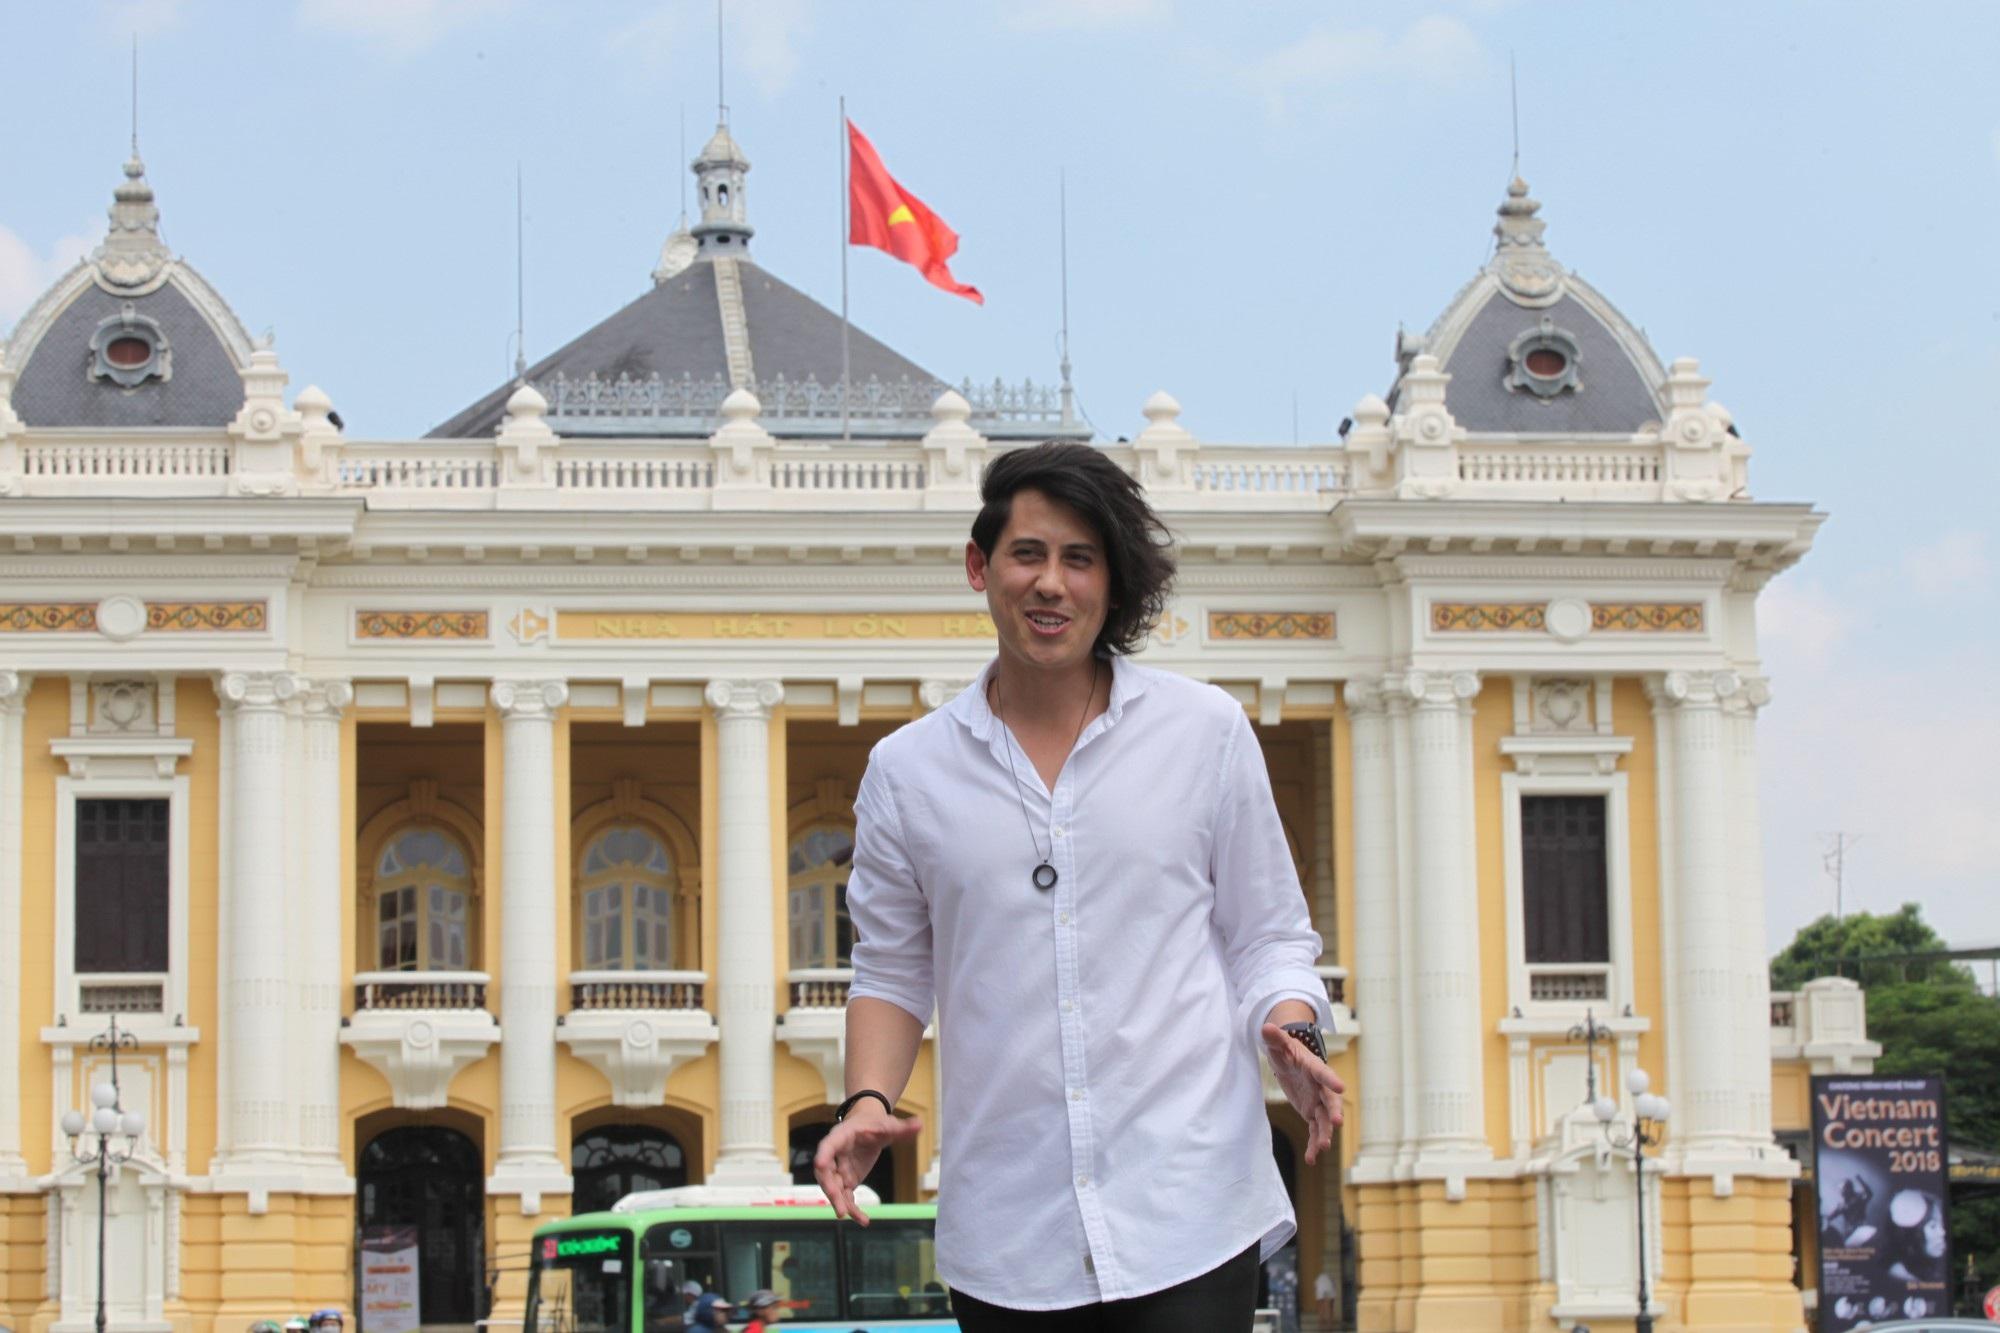 Chính thức phát sóng bộ phim đặc biệt về Việt Nam trên kênh Discovery - Ảnh 2.